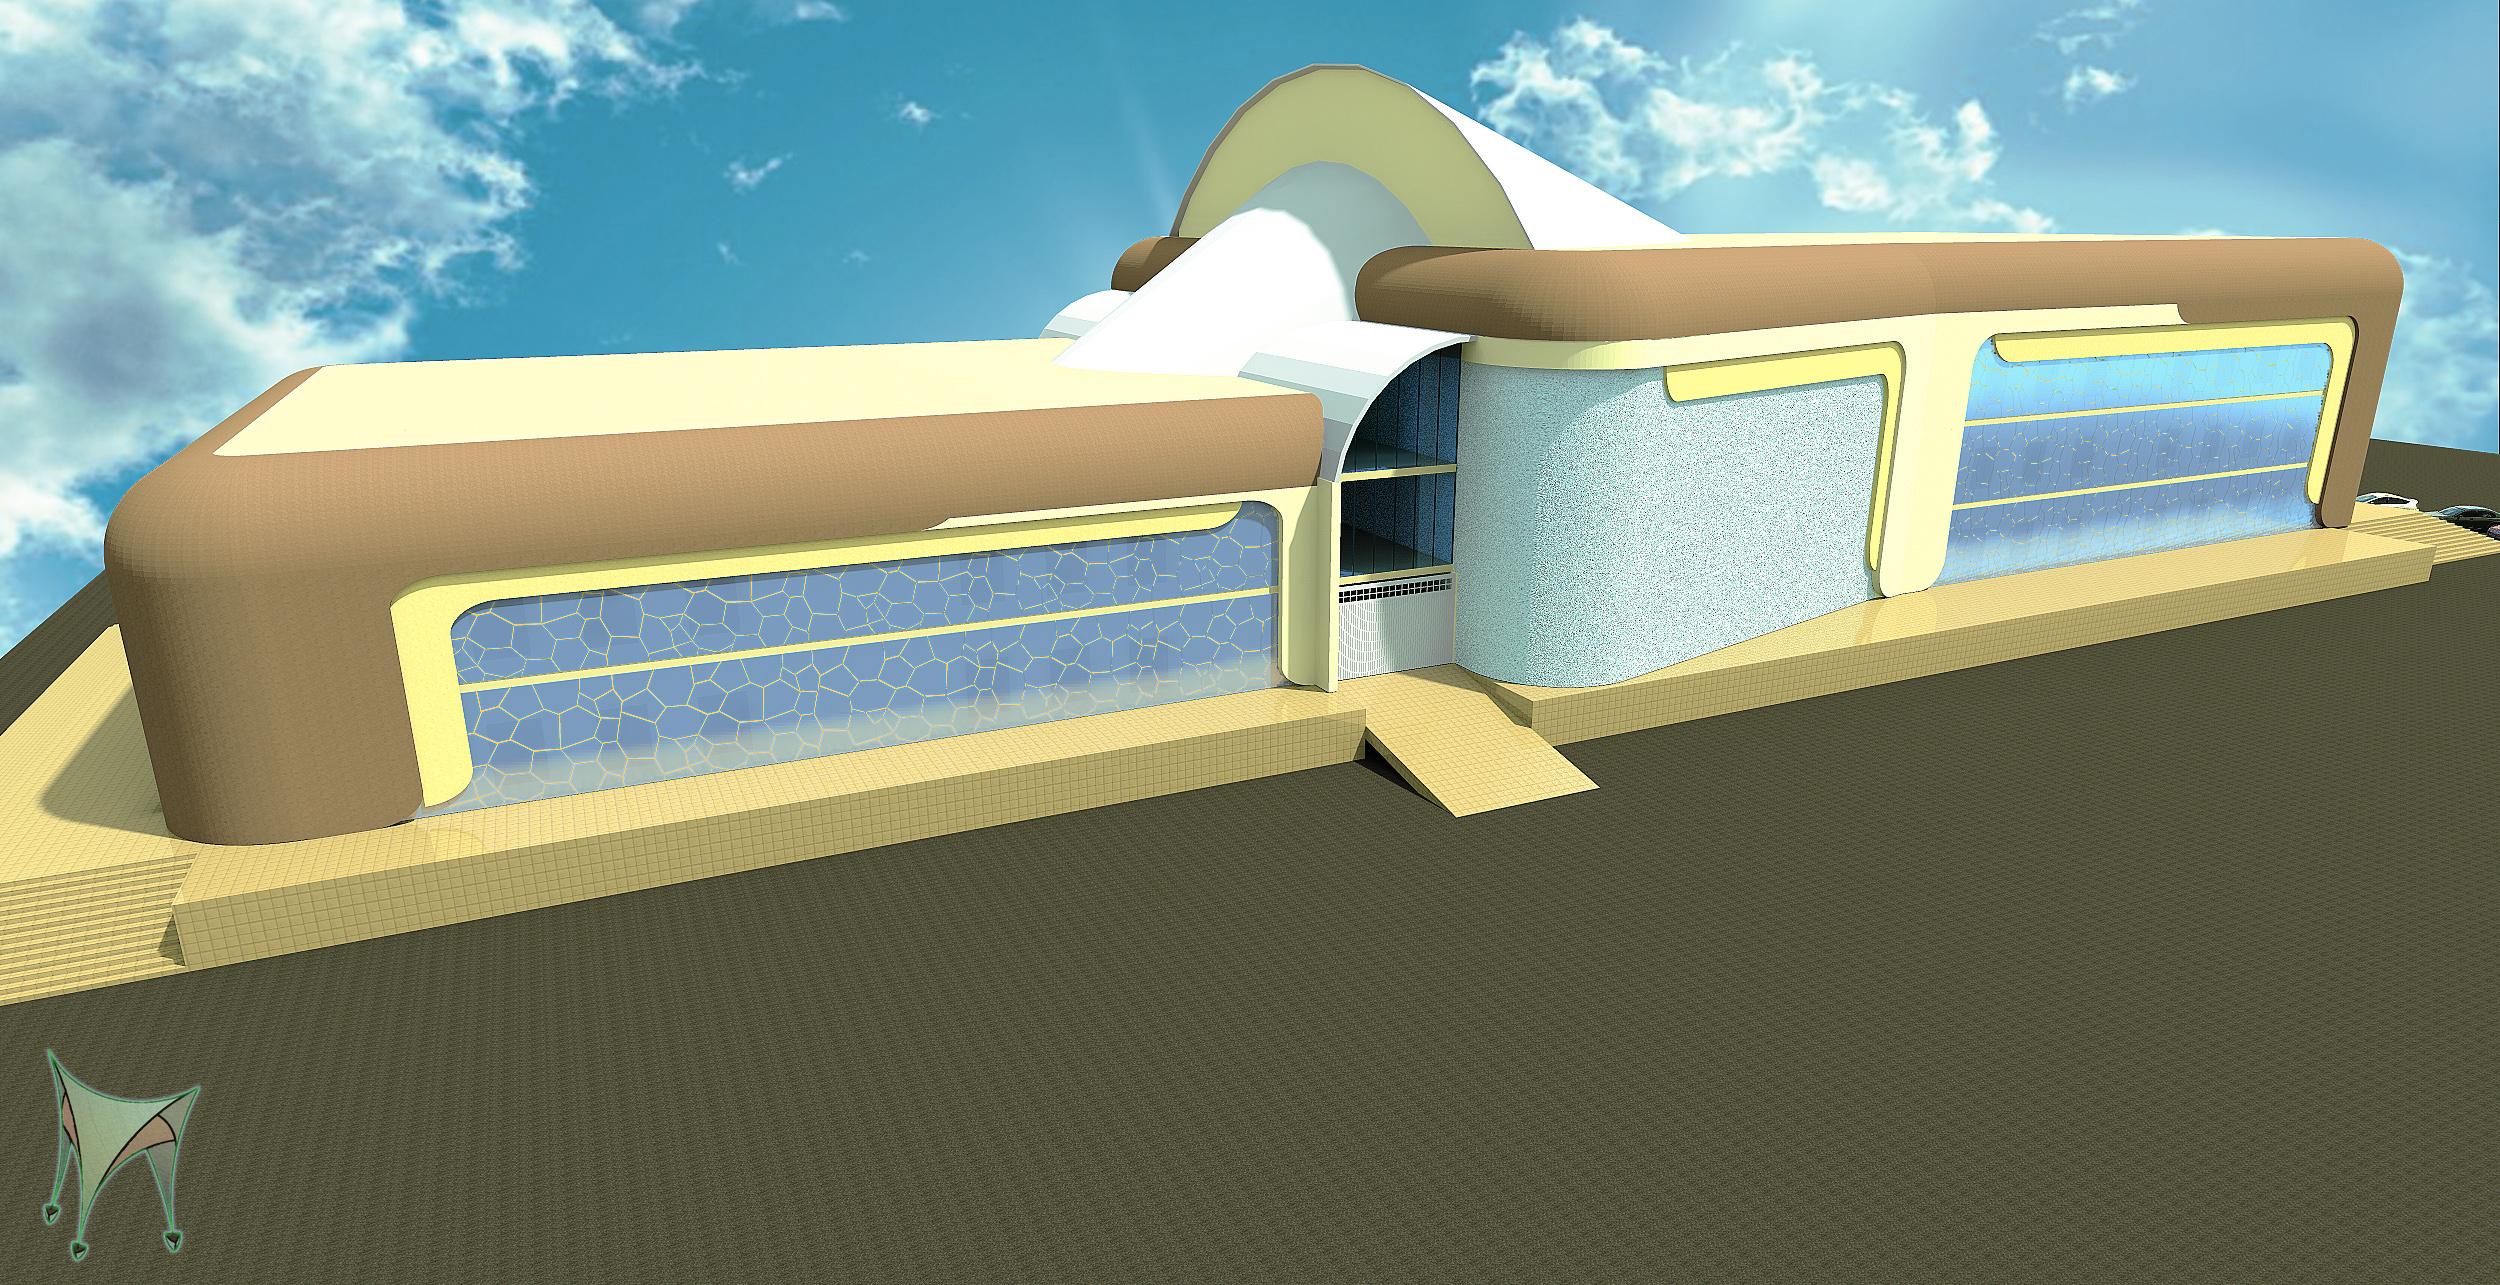 Разработка архитектурной концепции театра оперы и балета фото f_47652f4b84c4ac06.jpg